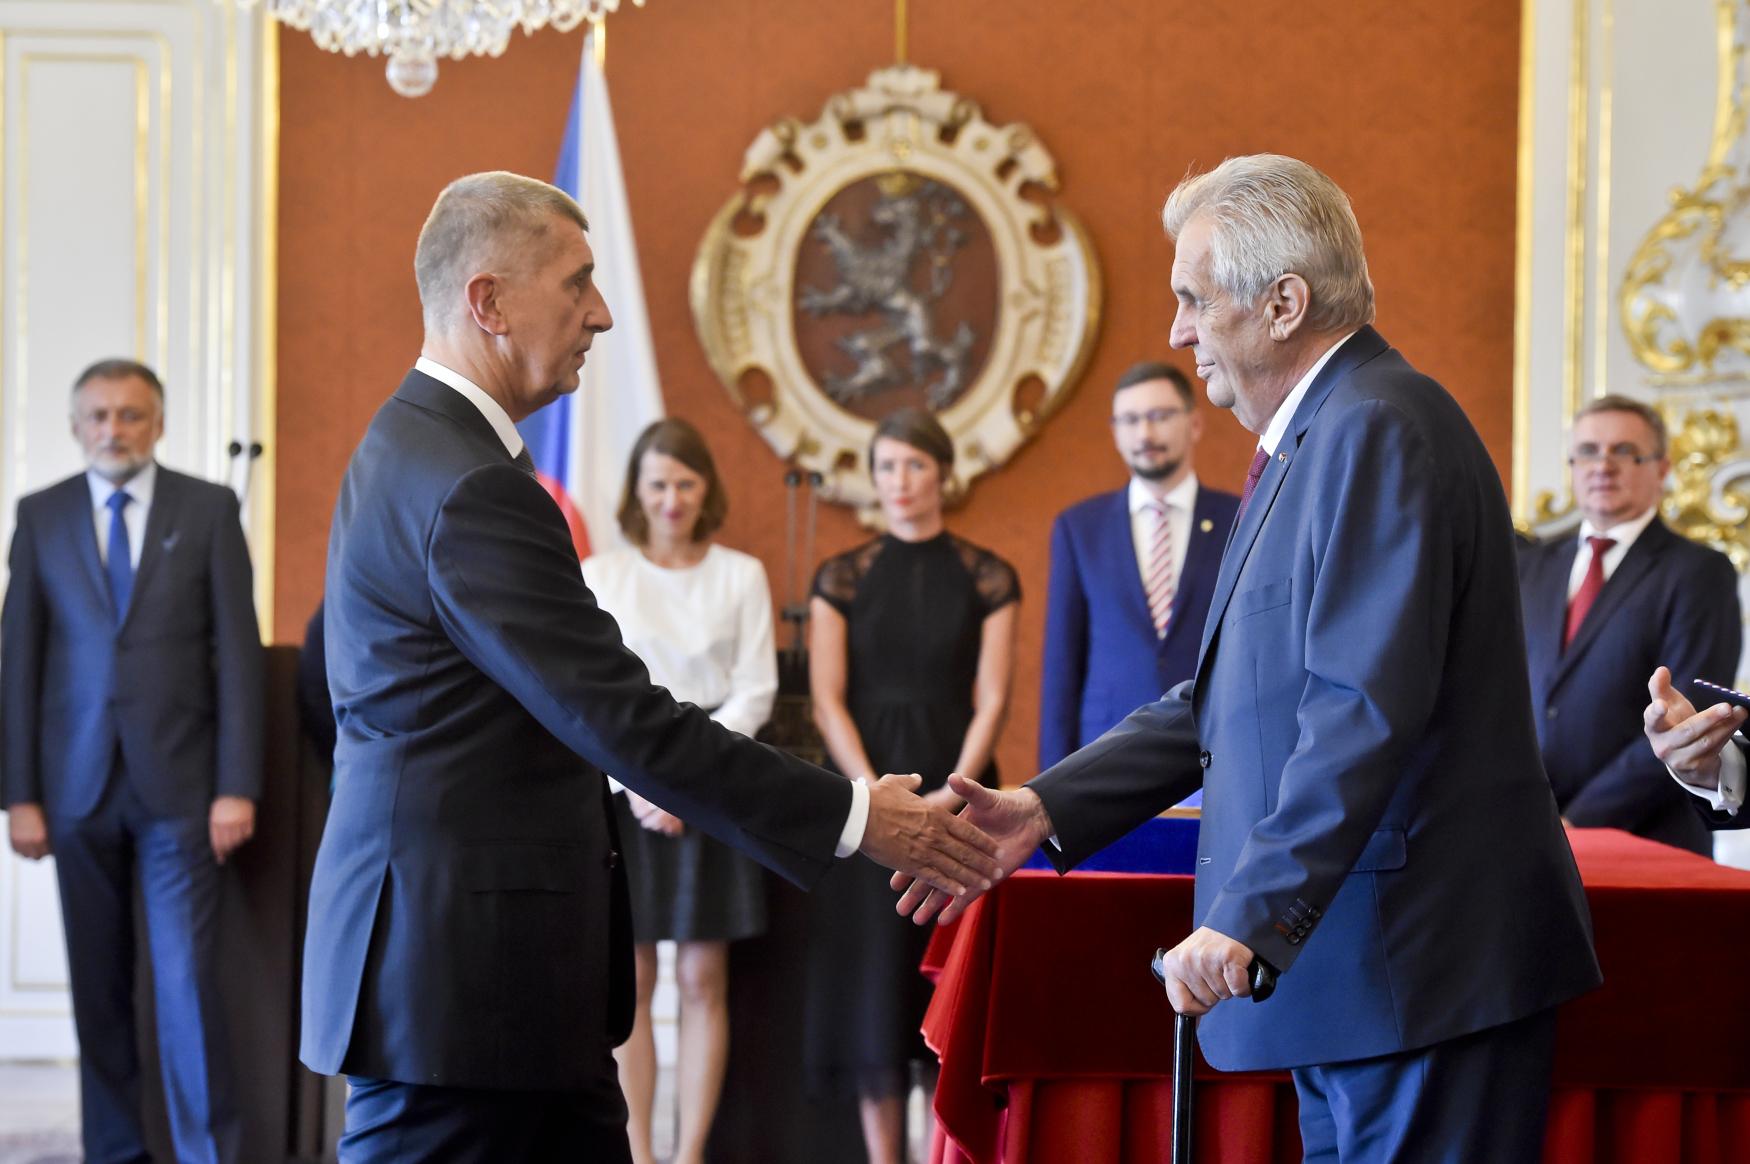 Miloš Zeman jmenoval podruhé premiérem Andreje Babiše